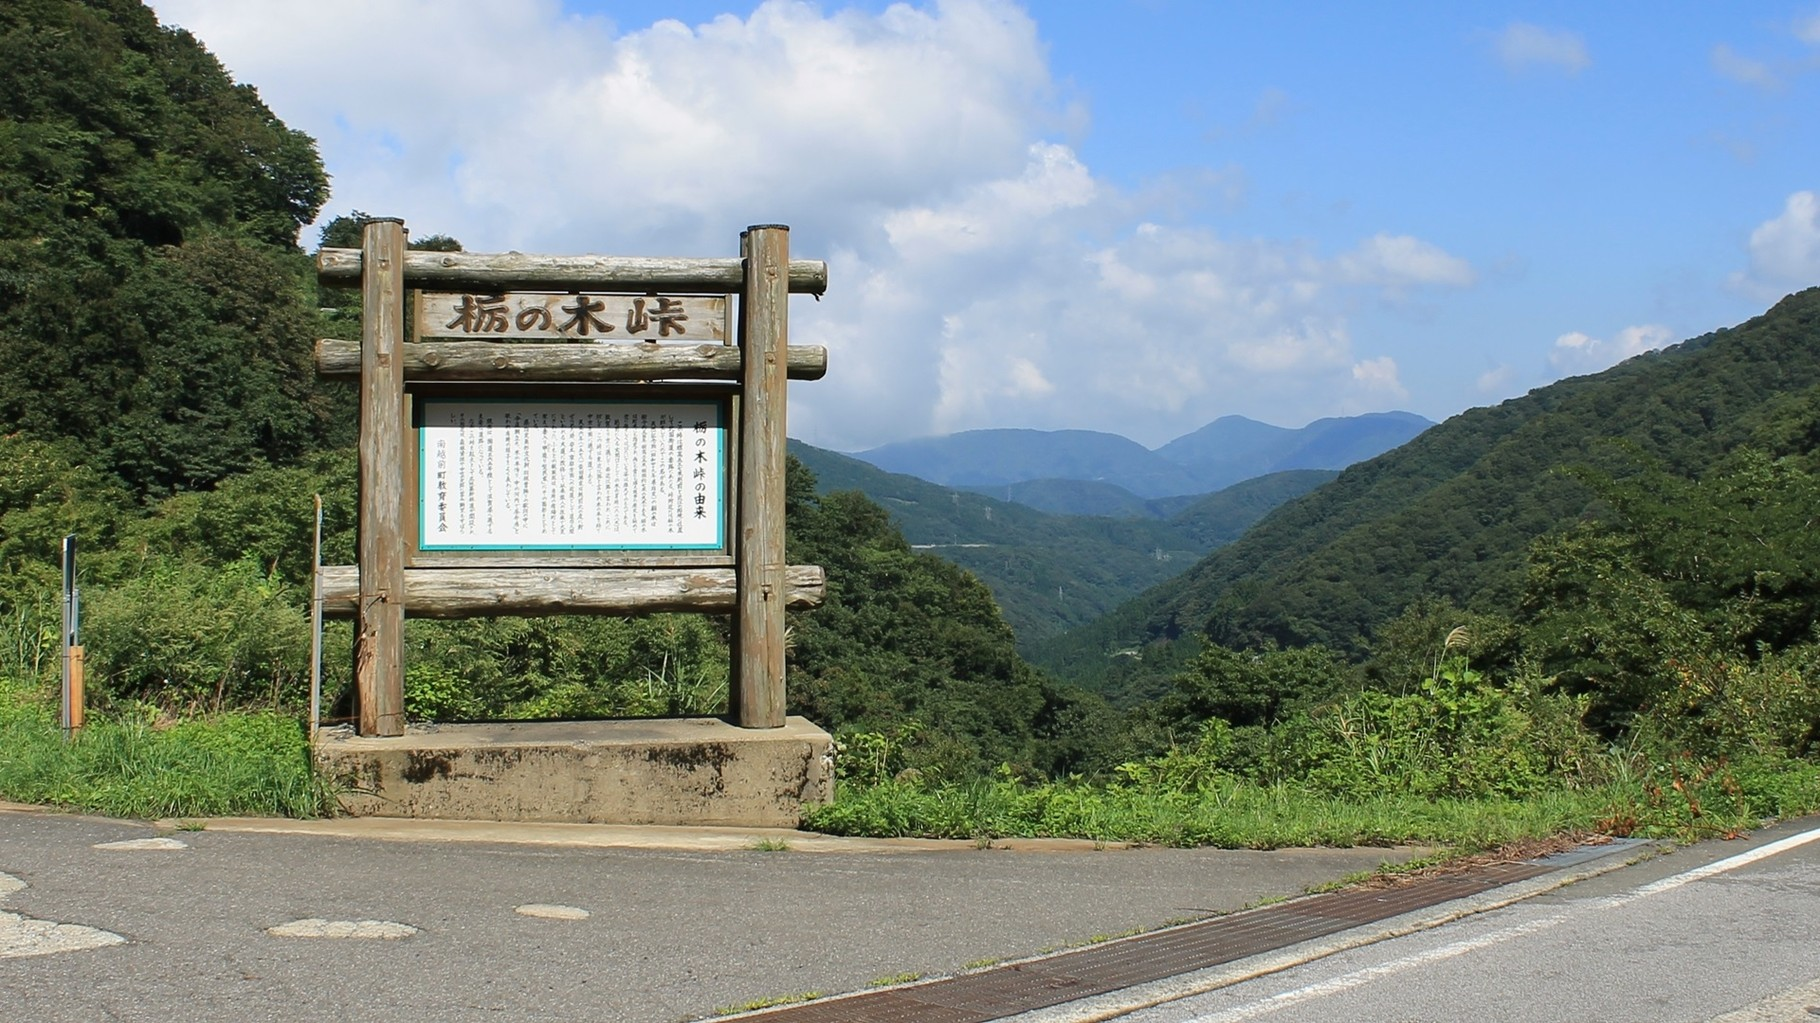 北国街道 栃の木峠